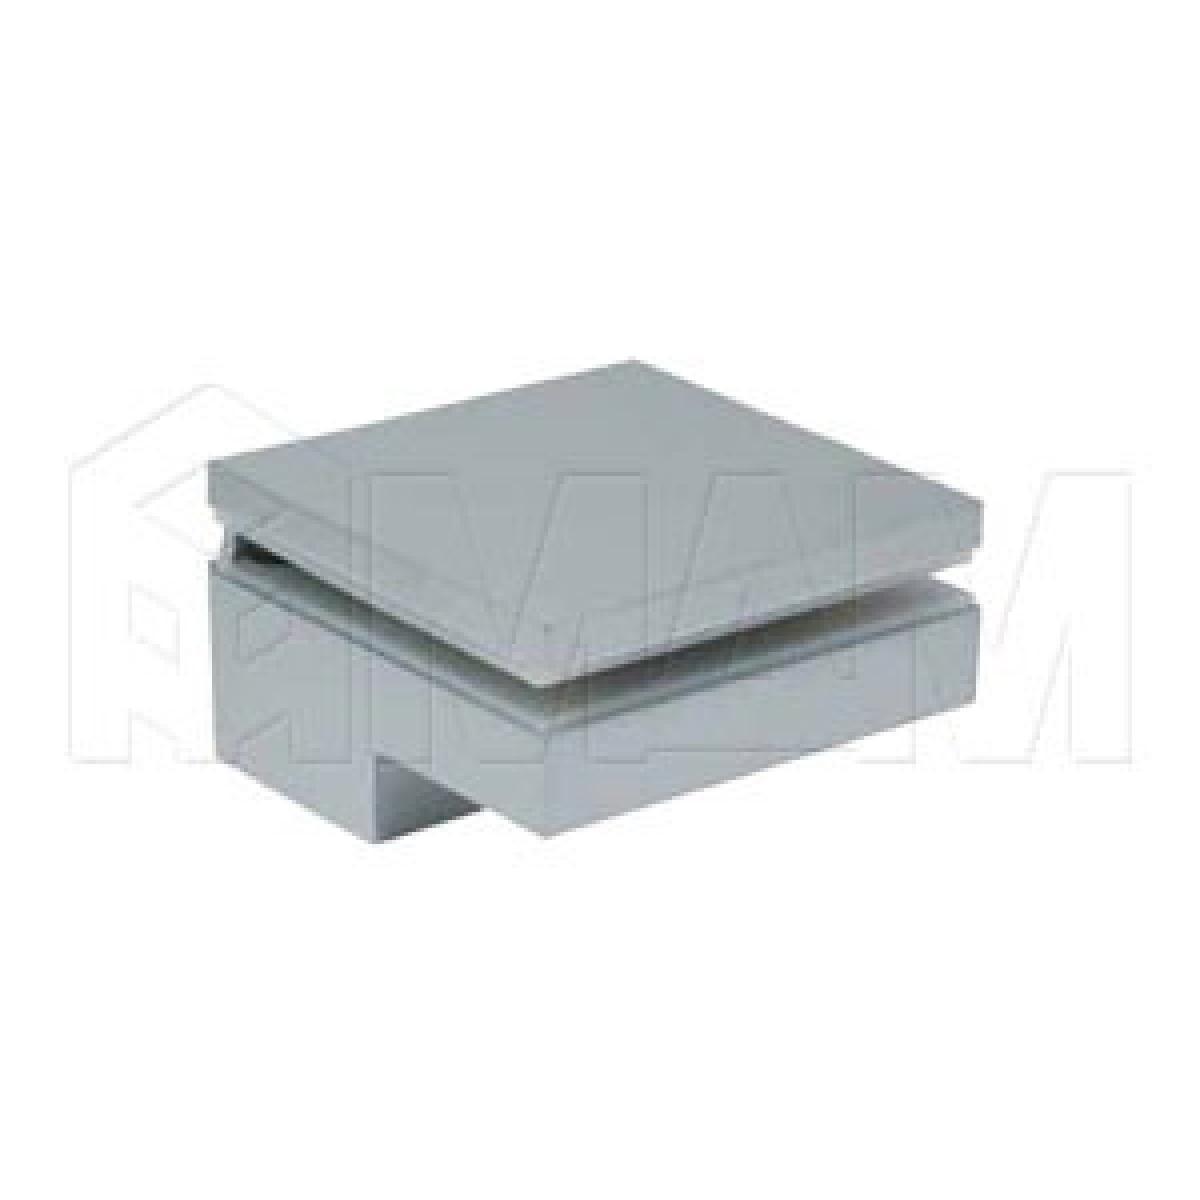 Менсолодержатель 80Х80 мм для деревянных и стеклянных полок 6 - 40 мм, хром матовый, (2 шт.)